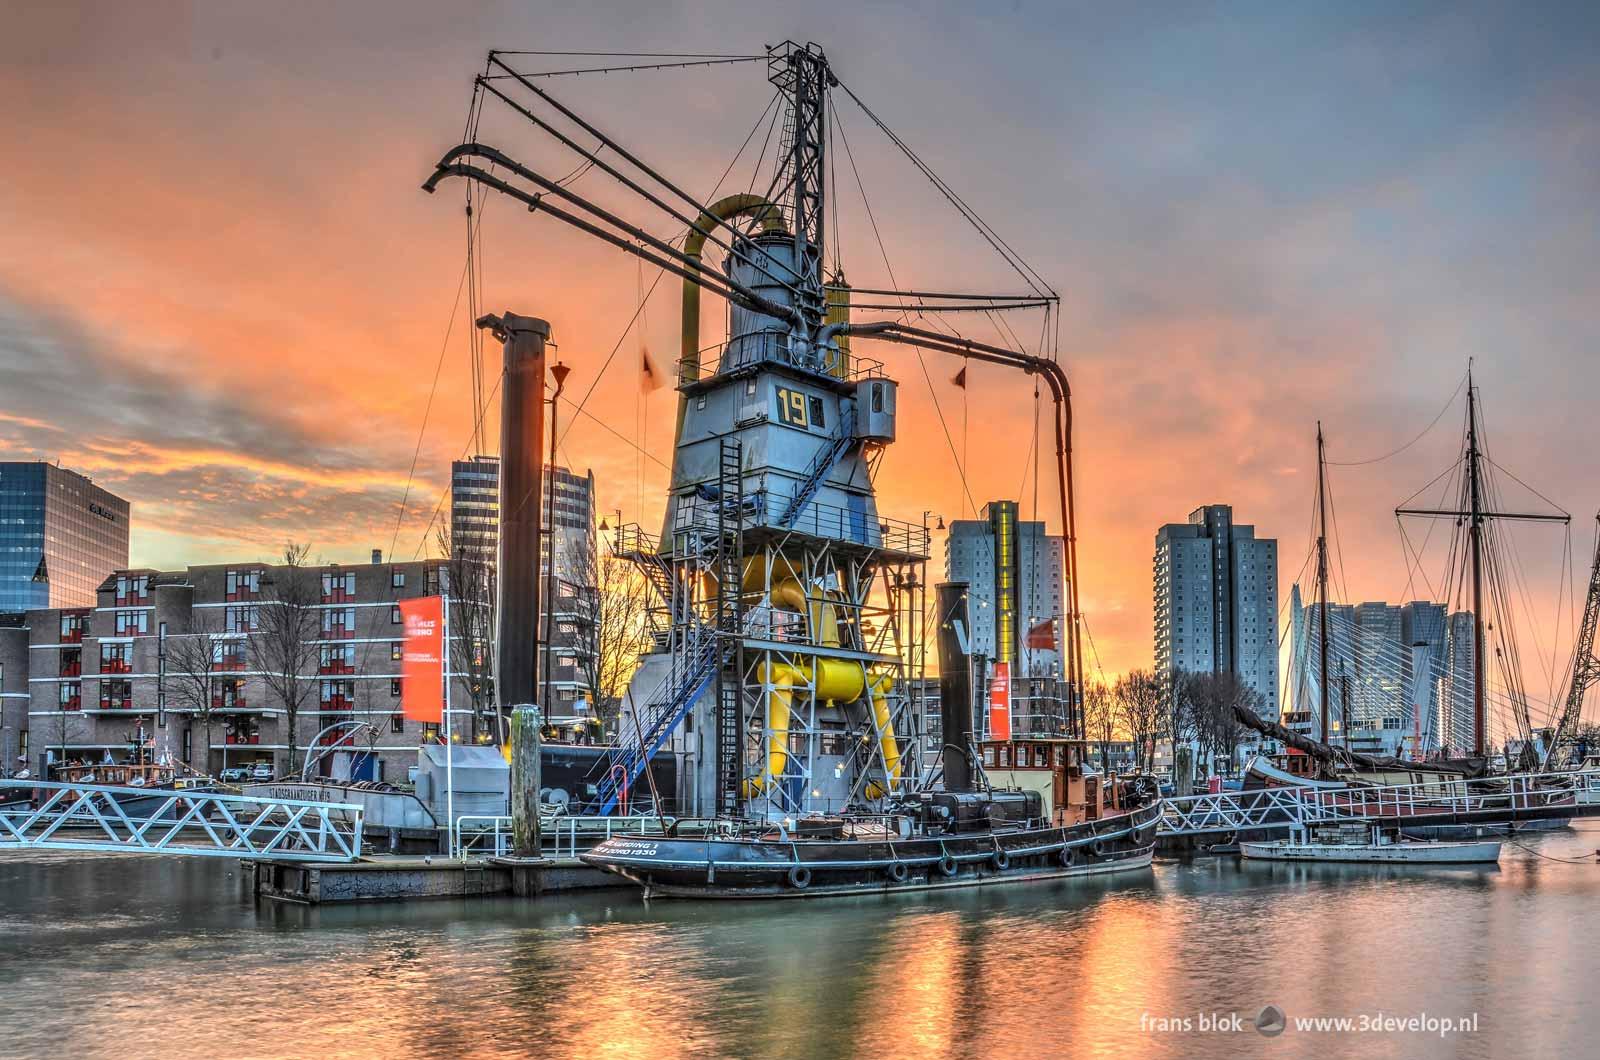 Een historische graanzuiger en andere pronkstukken van het maritiem buitenmuseum in de Leuvehaven in Rotterdam tijdens zonsopkomst